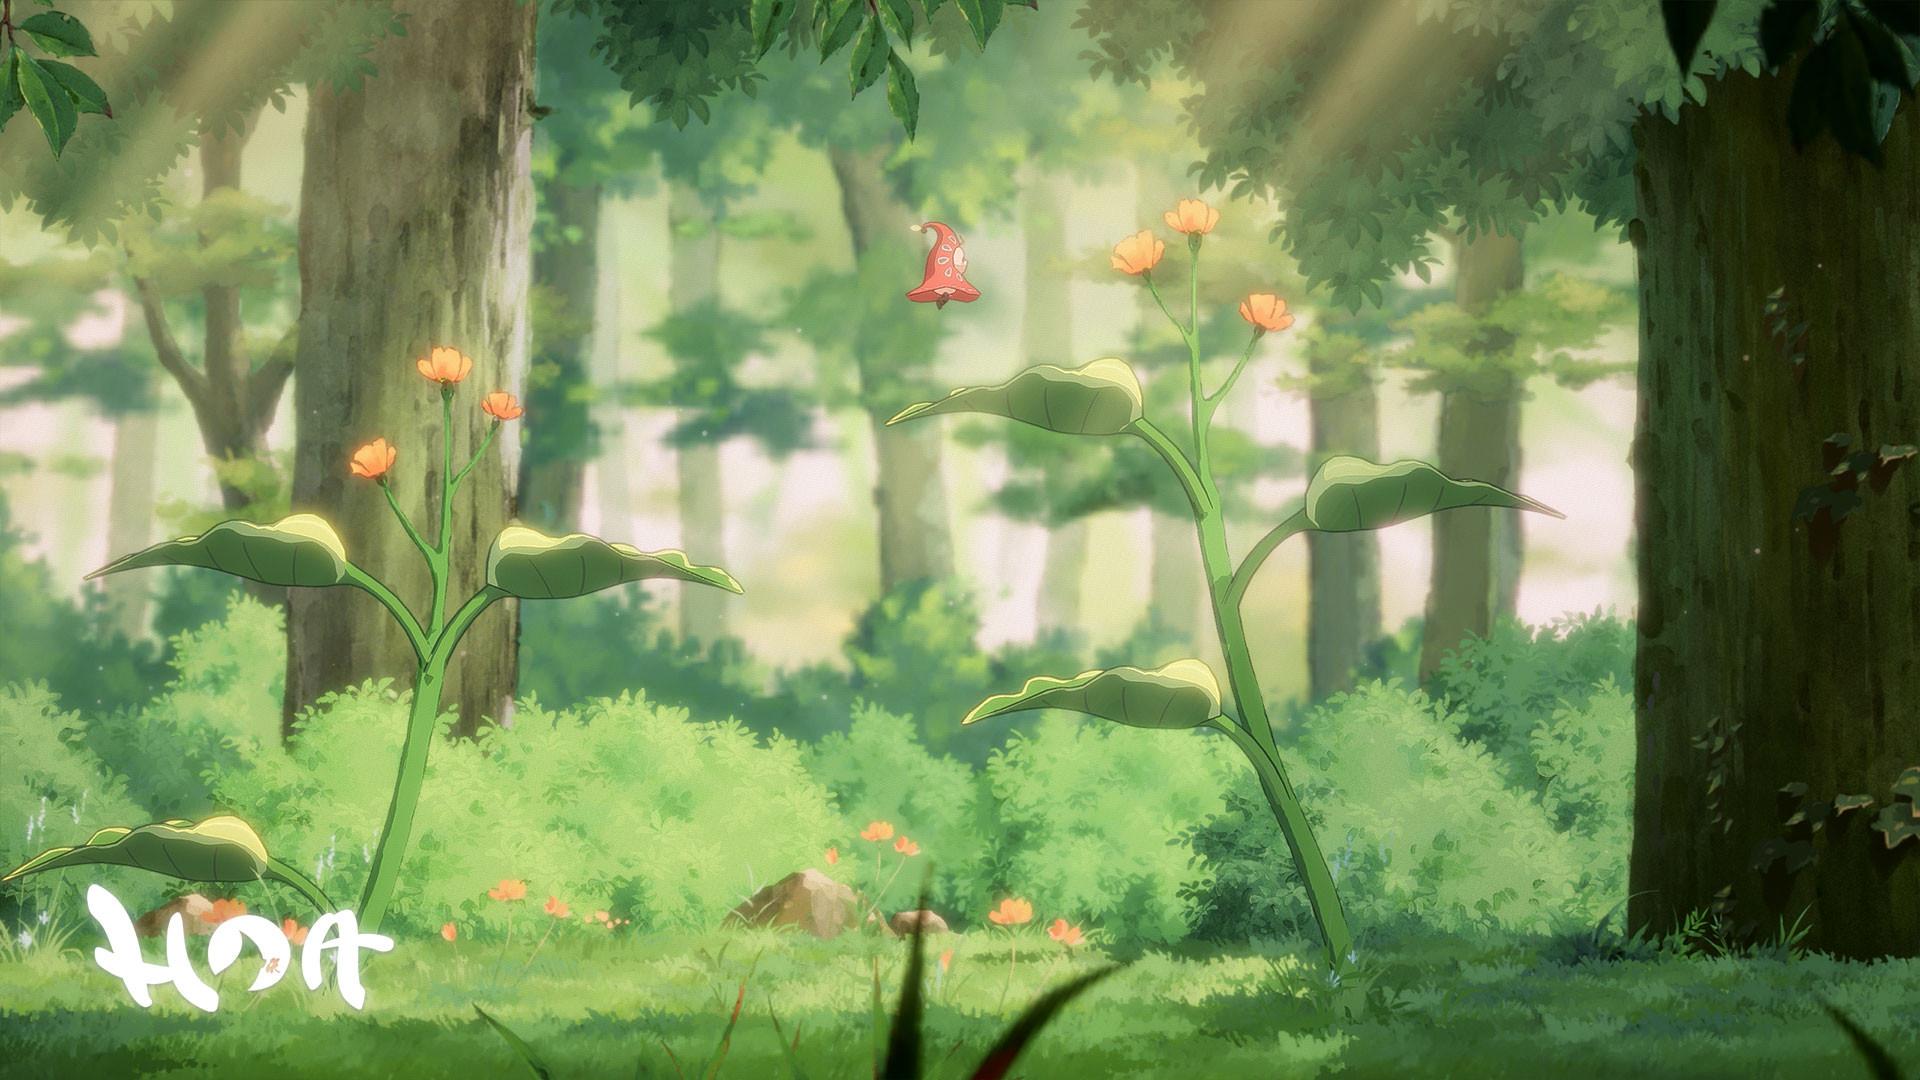 Hoa the game | Screenshot 03